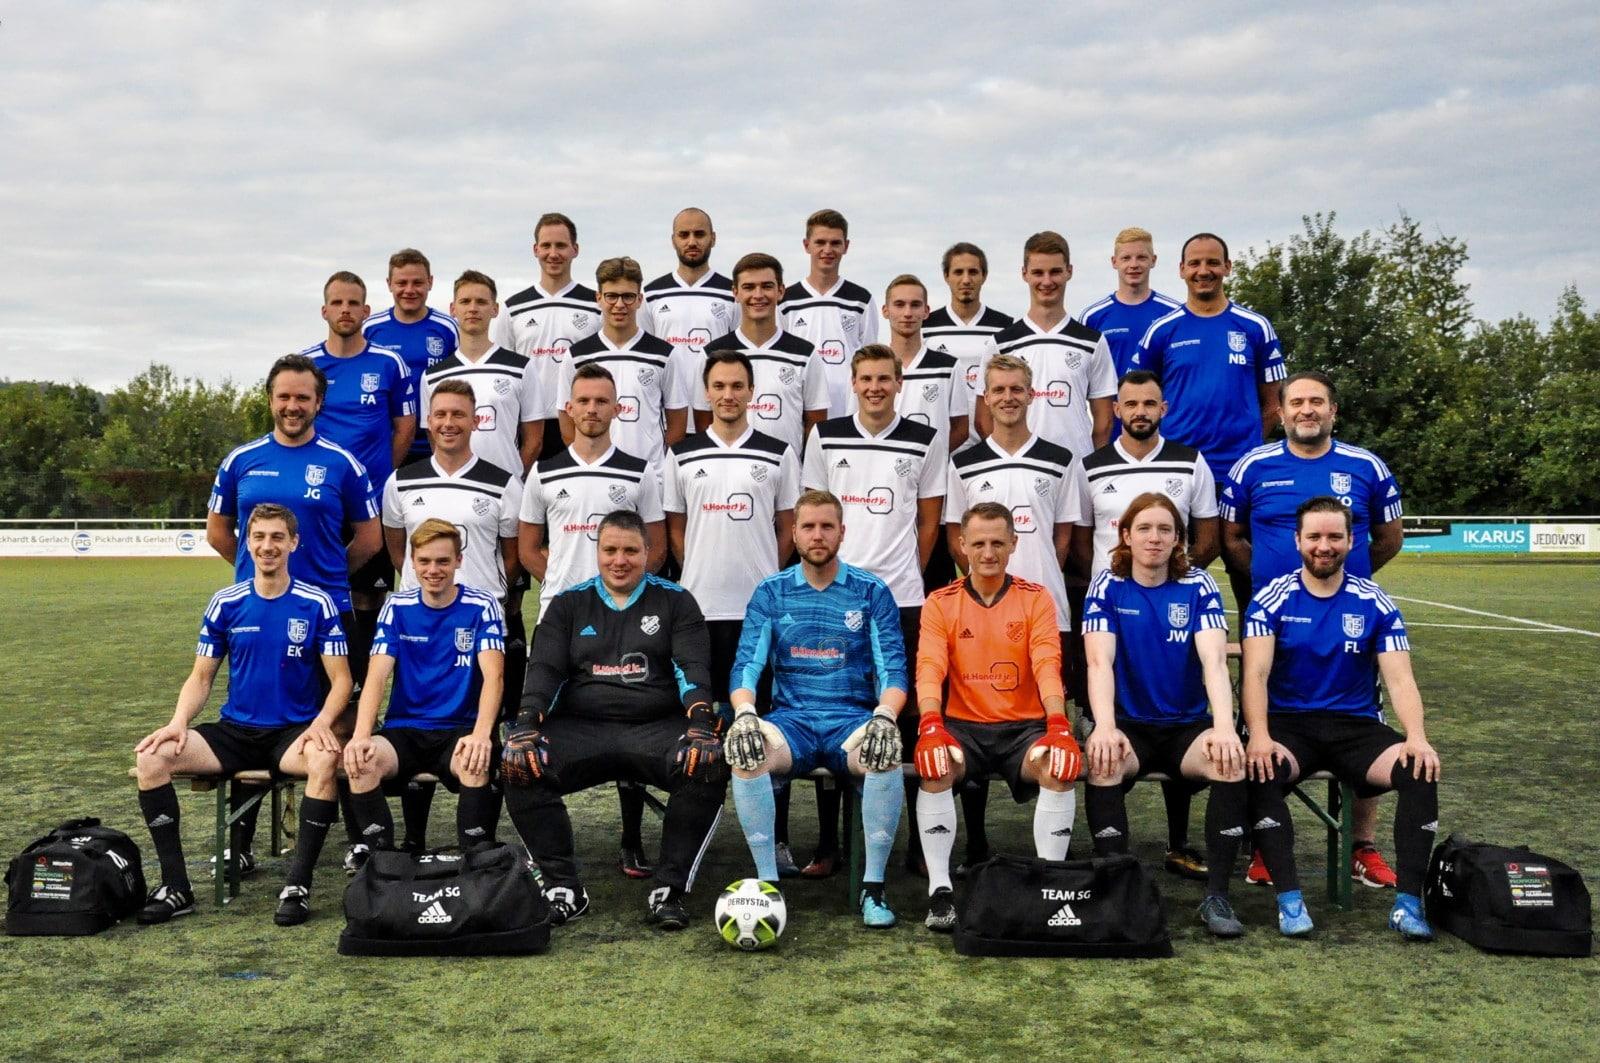 SG Balve/Garbeck 1. Mannschaft Saison 2021/2022